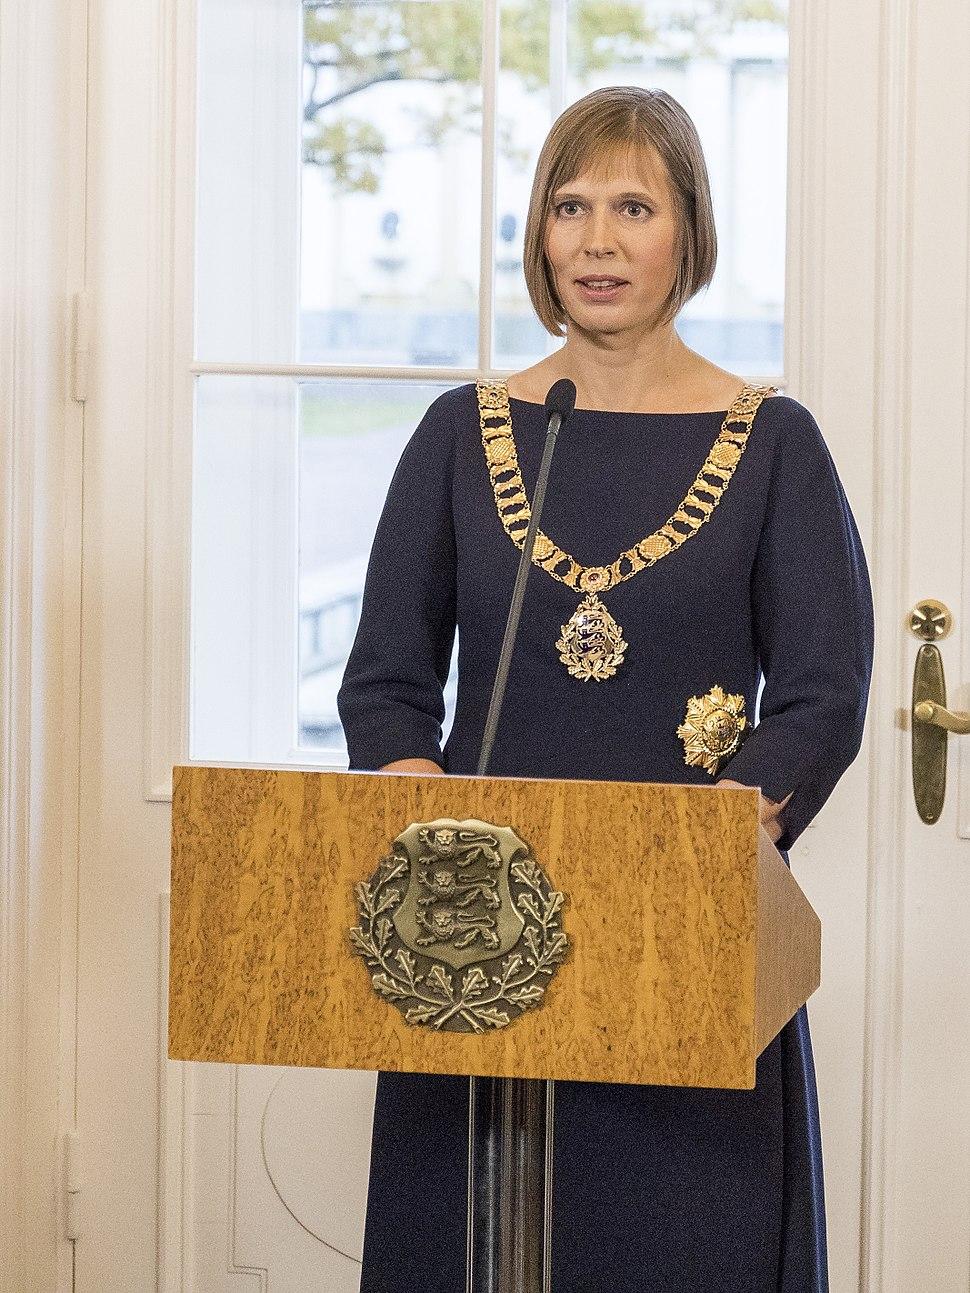 Vabariigi Presidendi ametisse astumise tseremoonia 2016, crop